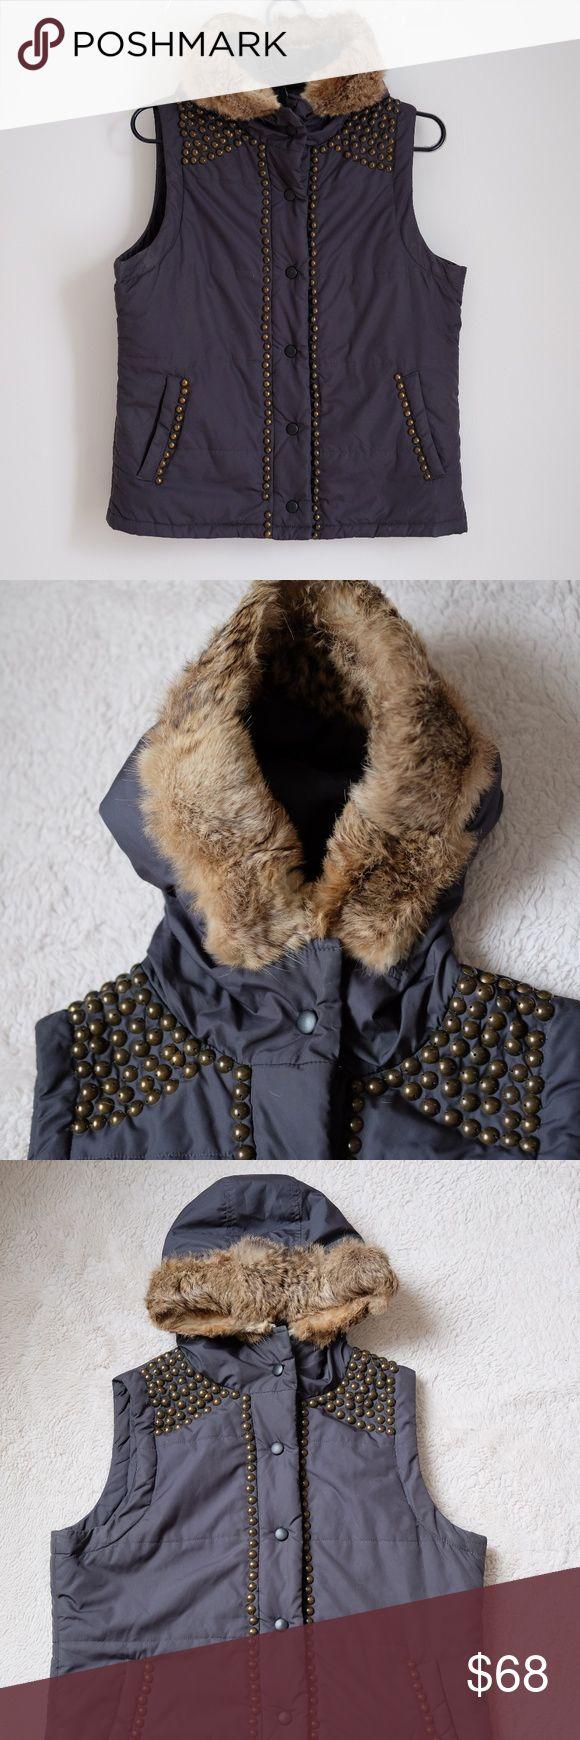 NAF NAF REAL RABBIT FUR JACKET Beutiful jacket In a very good pre-loved condition  size M NAF NAF Jackets & Coats